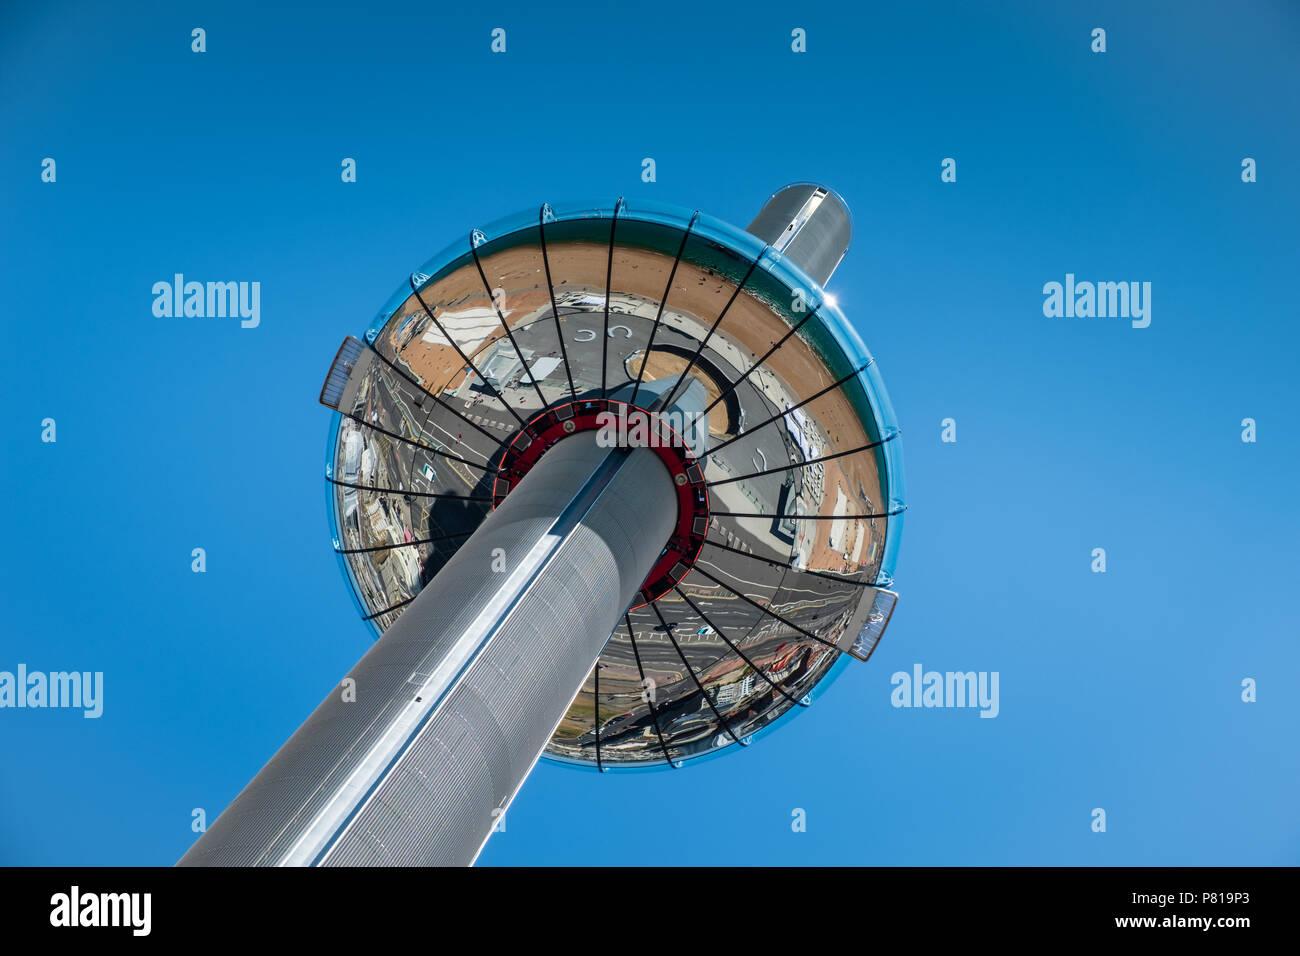 British Airways j360 tour d'observation sur une journée ensoleillée avec un ciel bleu clair toile with copy space Photo Stock